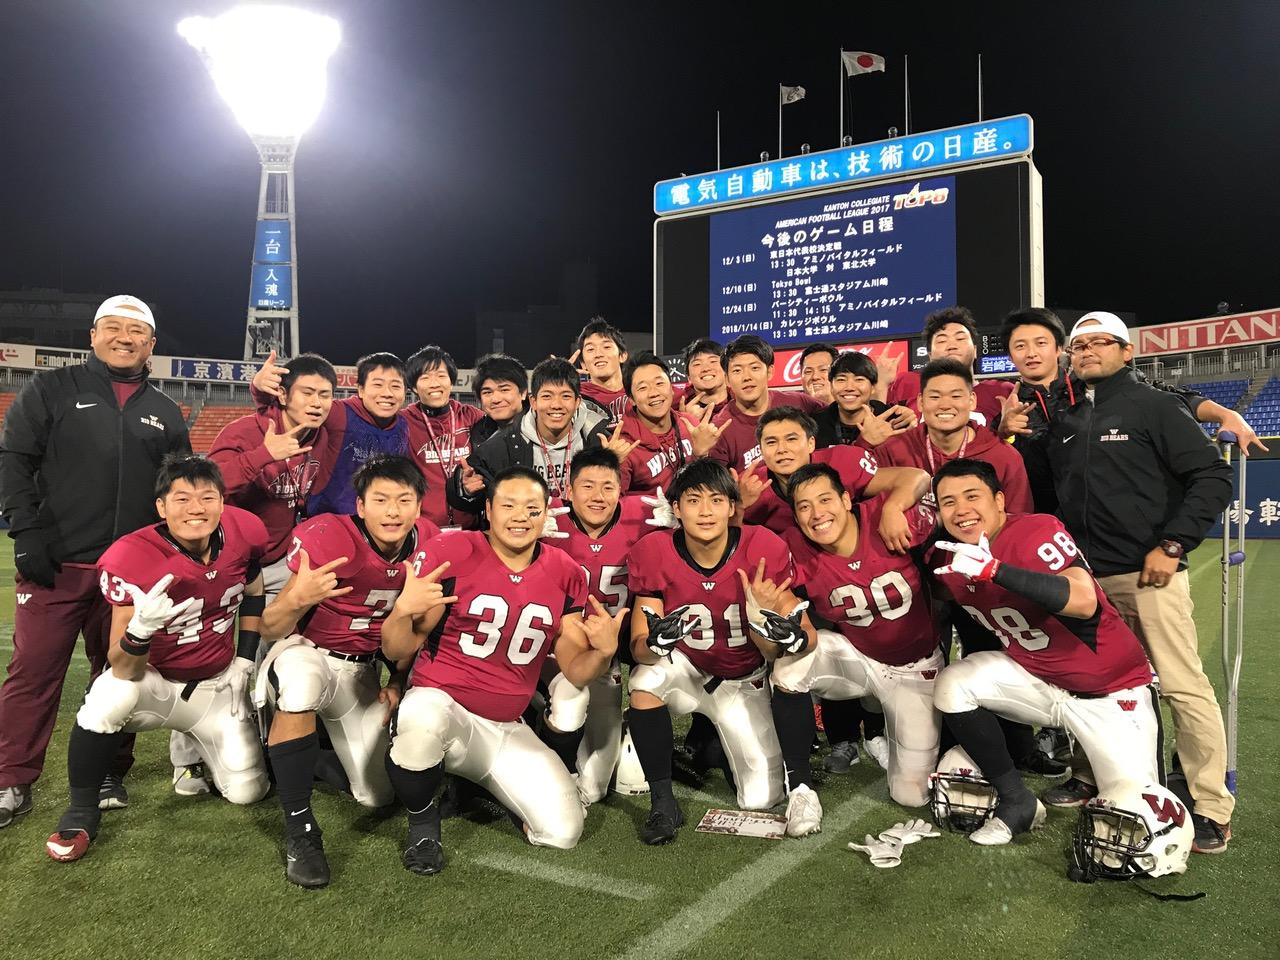 慶応大学とのリーグ最終戦の後、早稲田大学のRB陣と記念撮影する中村多聞さん=11月26日・横浜スタジアム